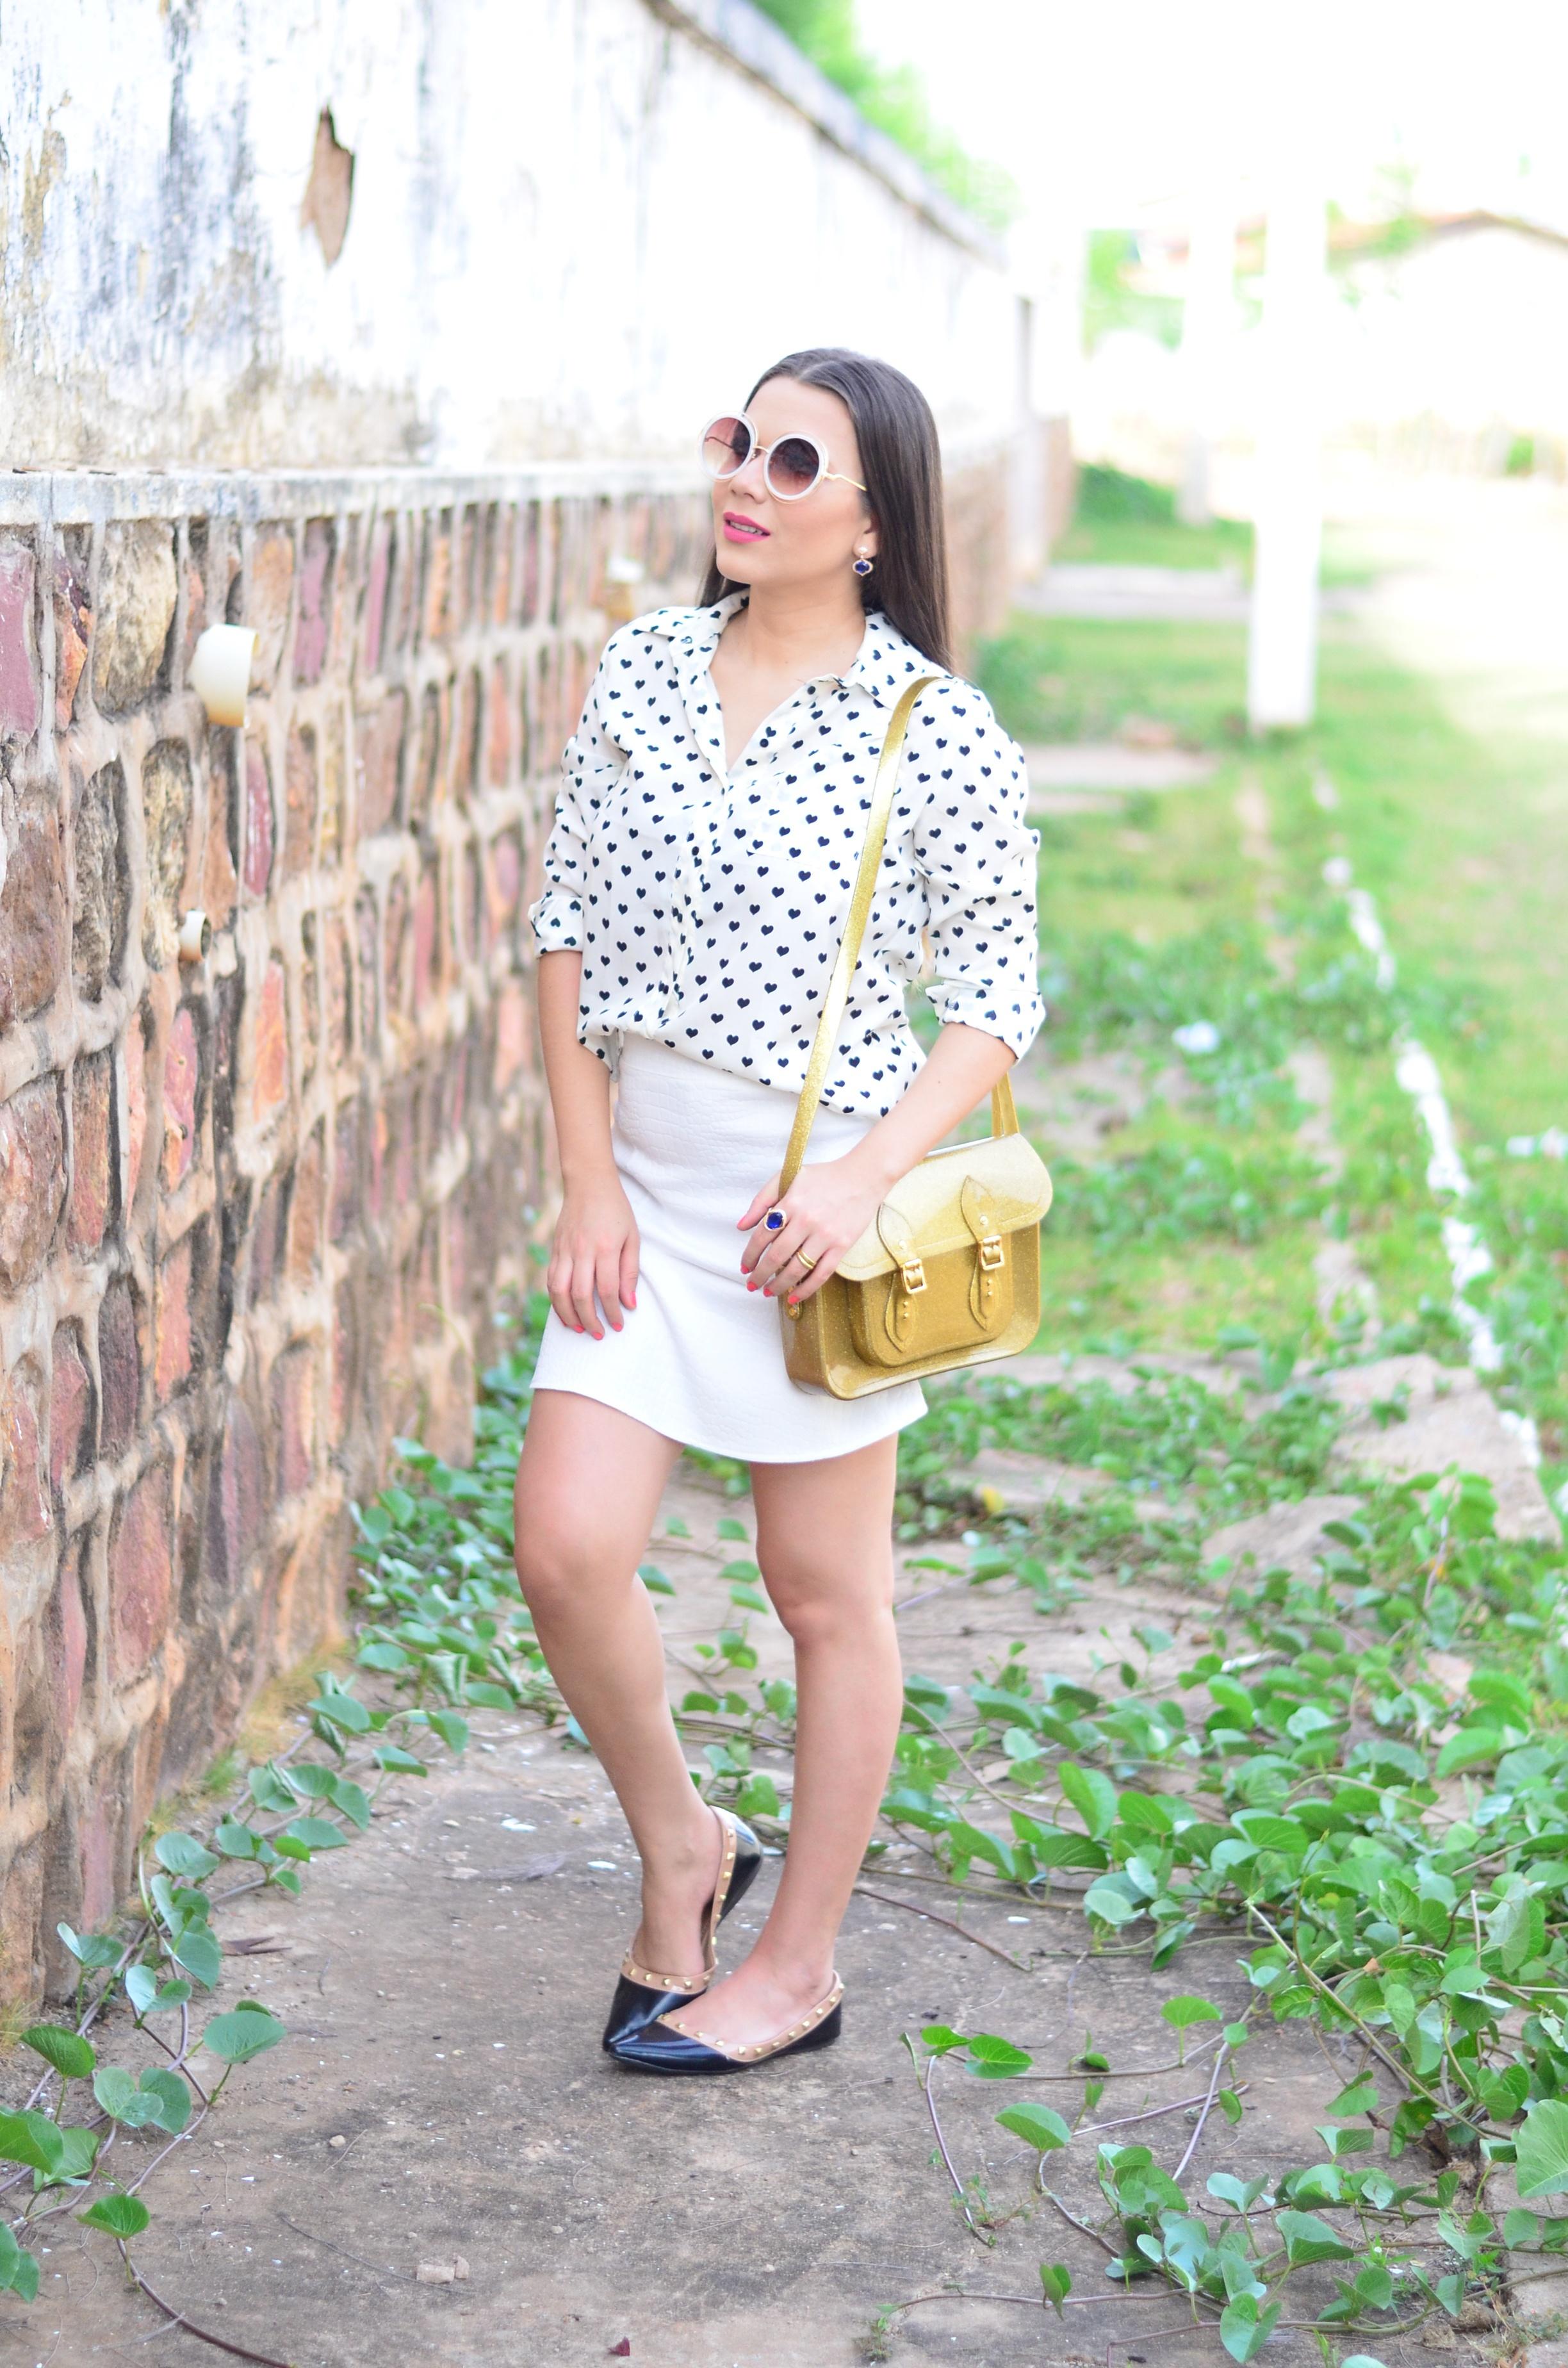 look-saia-e-camisa-branca-com-oculos-inspiracao-chloe-7